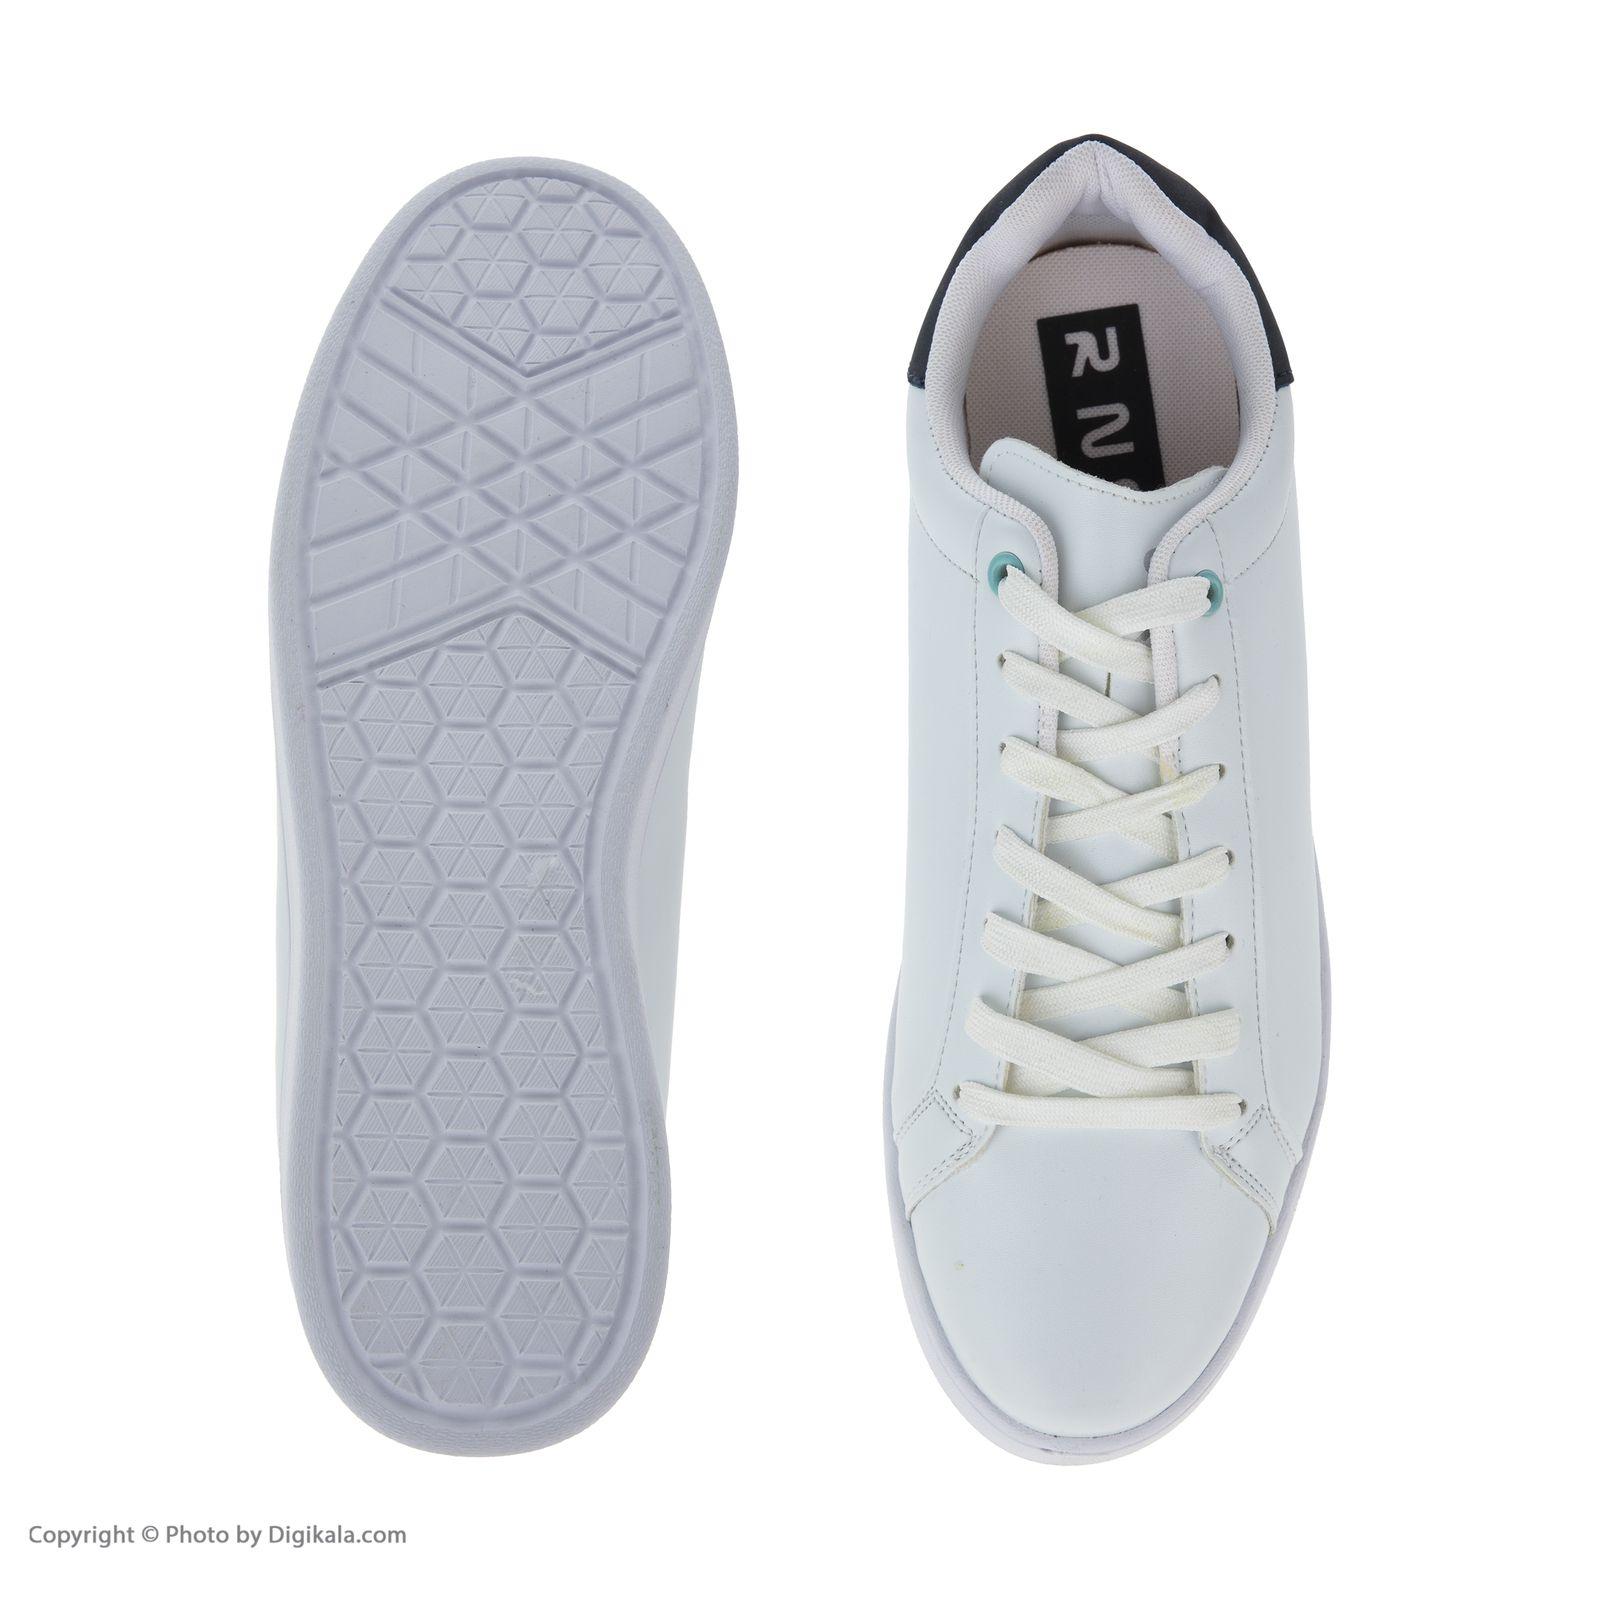 کفش راحتی مردانه آر ان اس مدل 142001-01 -  - 8